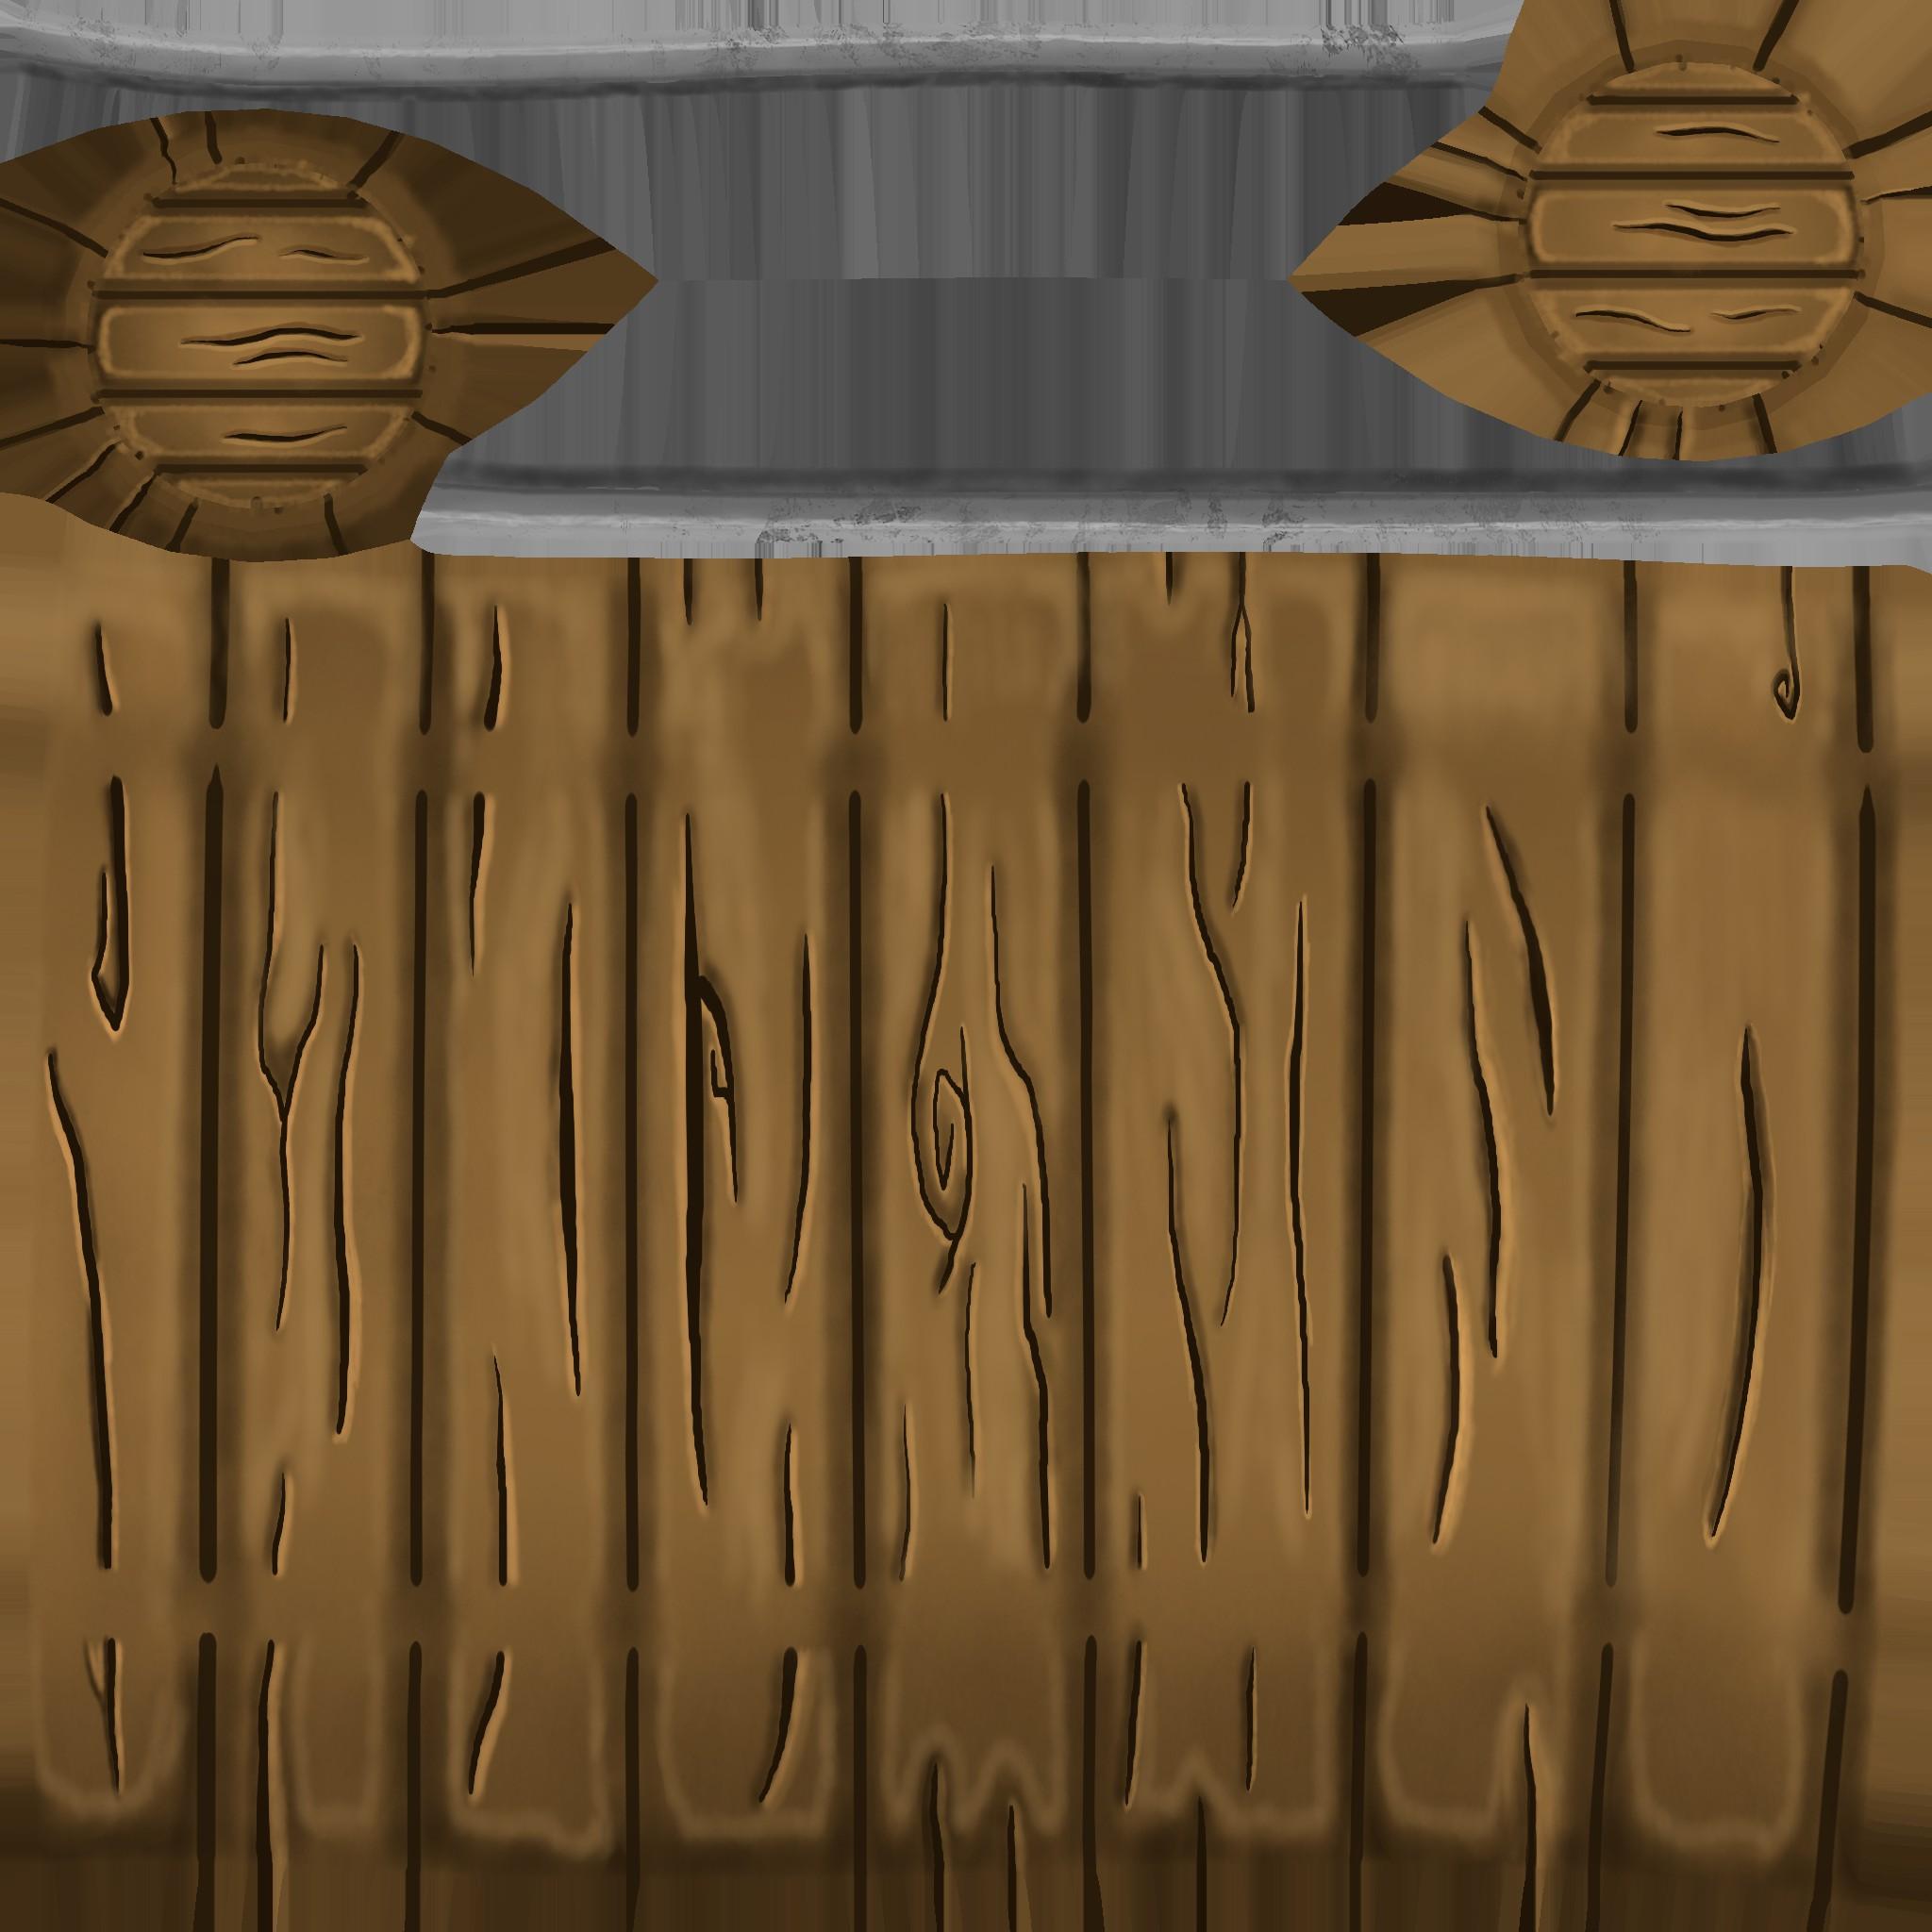 Barrel_Texture